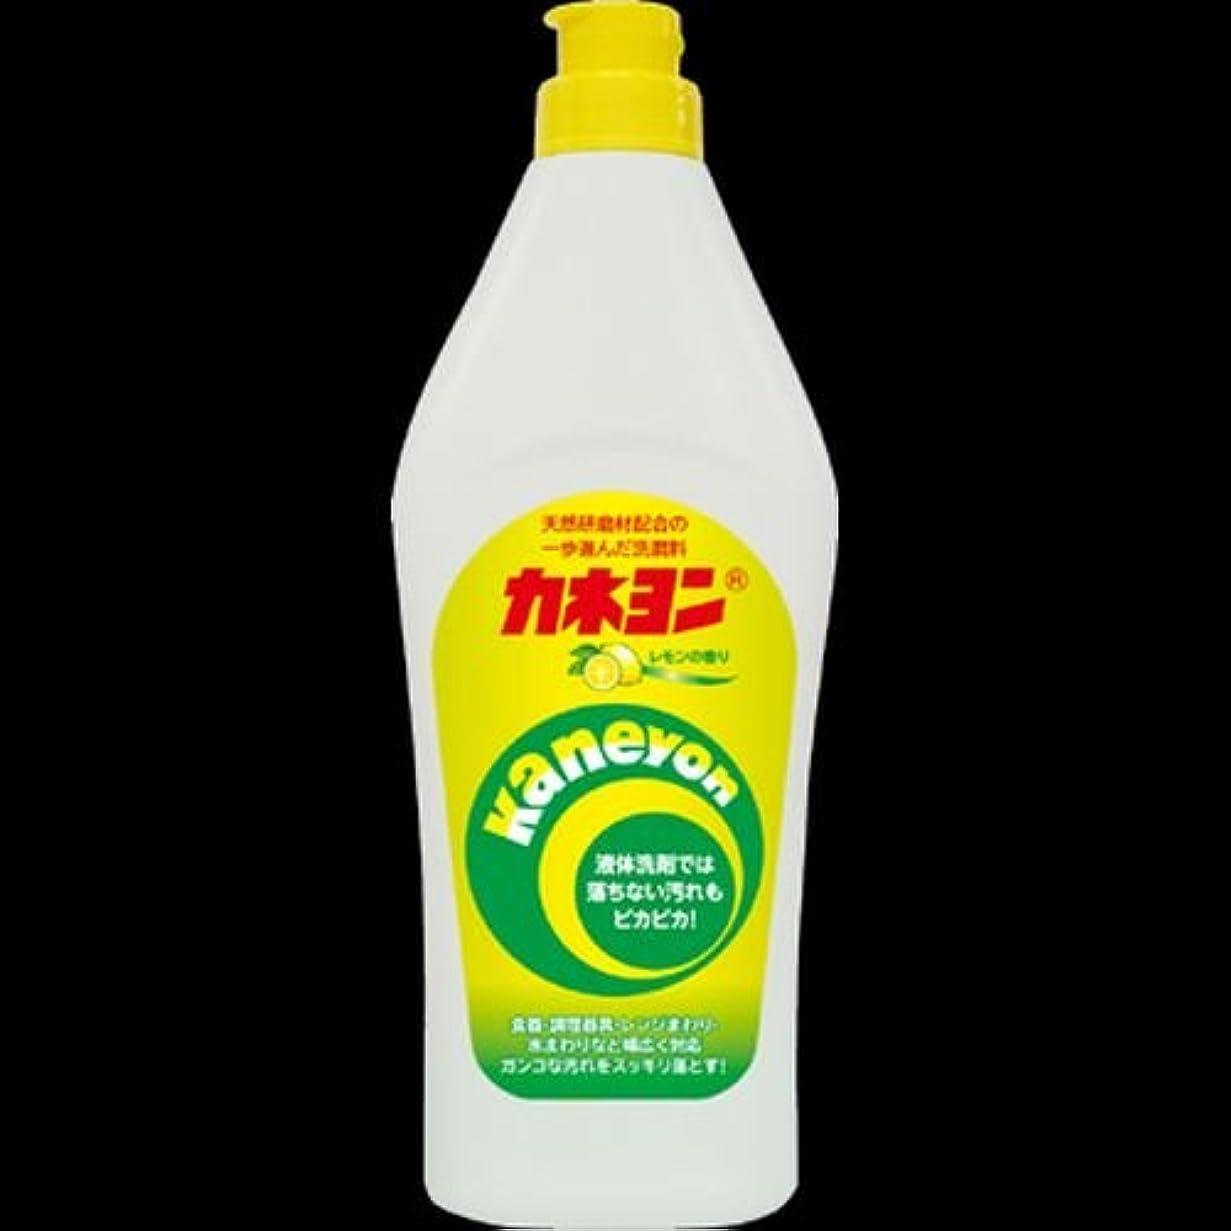 頬骨獲物変動する【まとめ買い】カネヨ石鹸 カネヨンレモン 550g ×2セット